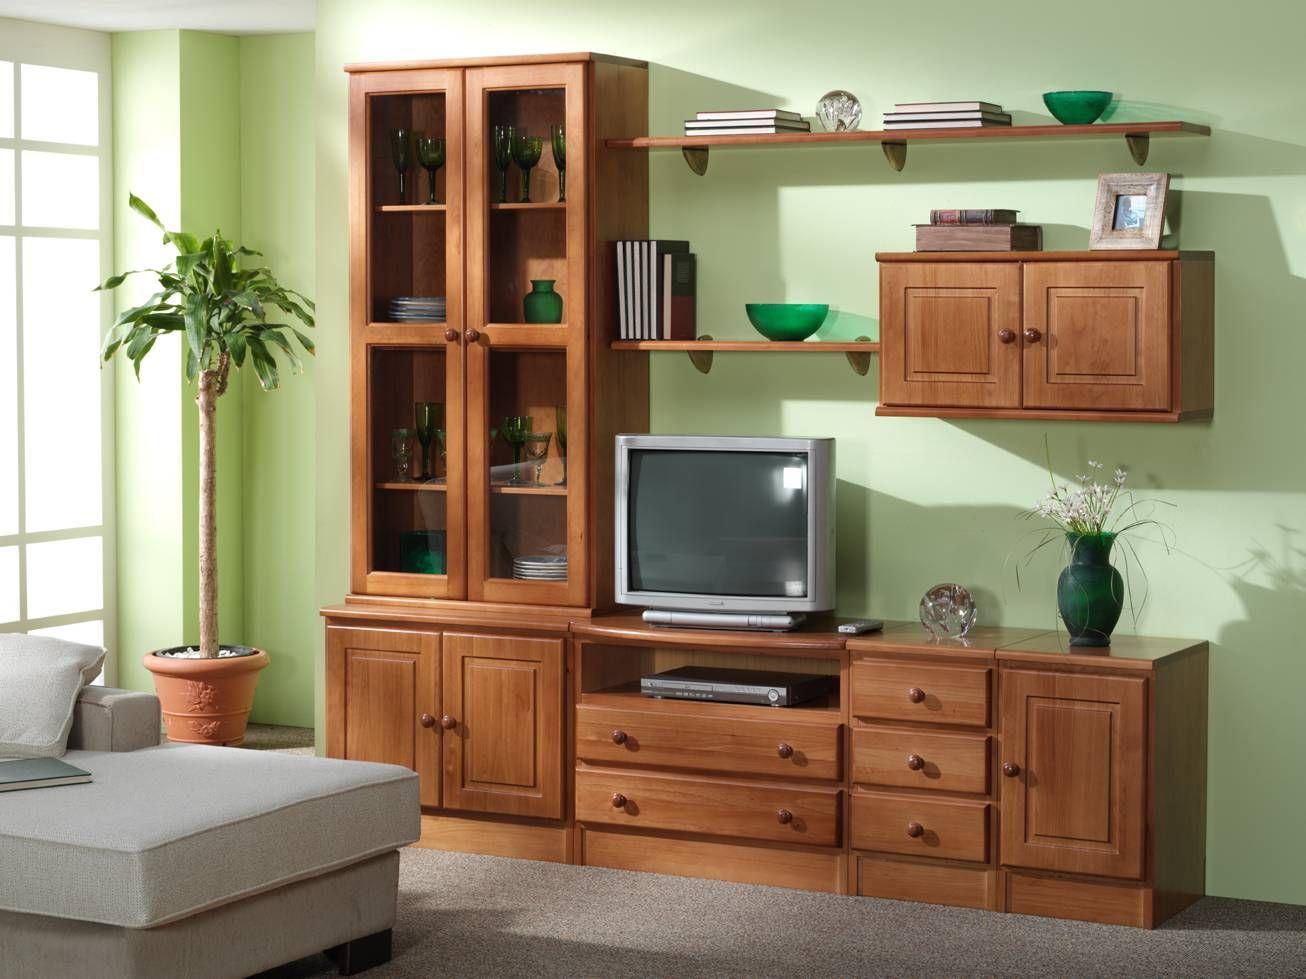 muebles salón comedor murcia - Buscar con Google | Hogar | Pinterest ...